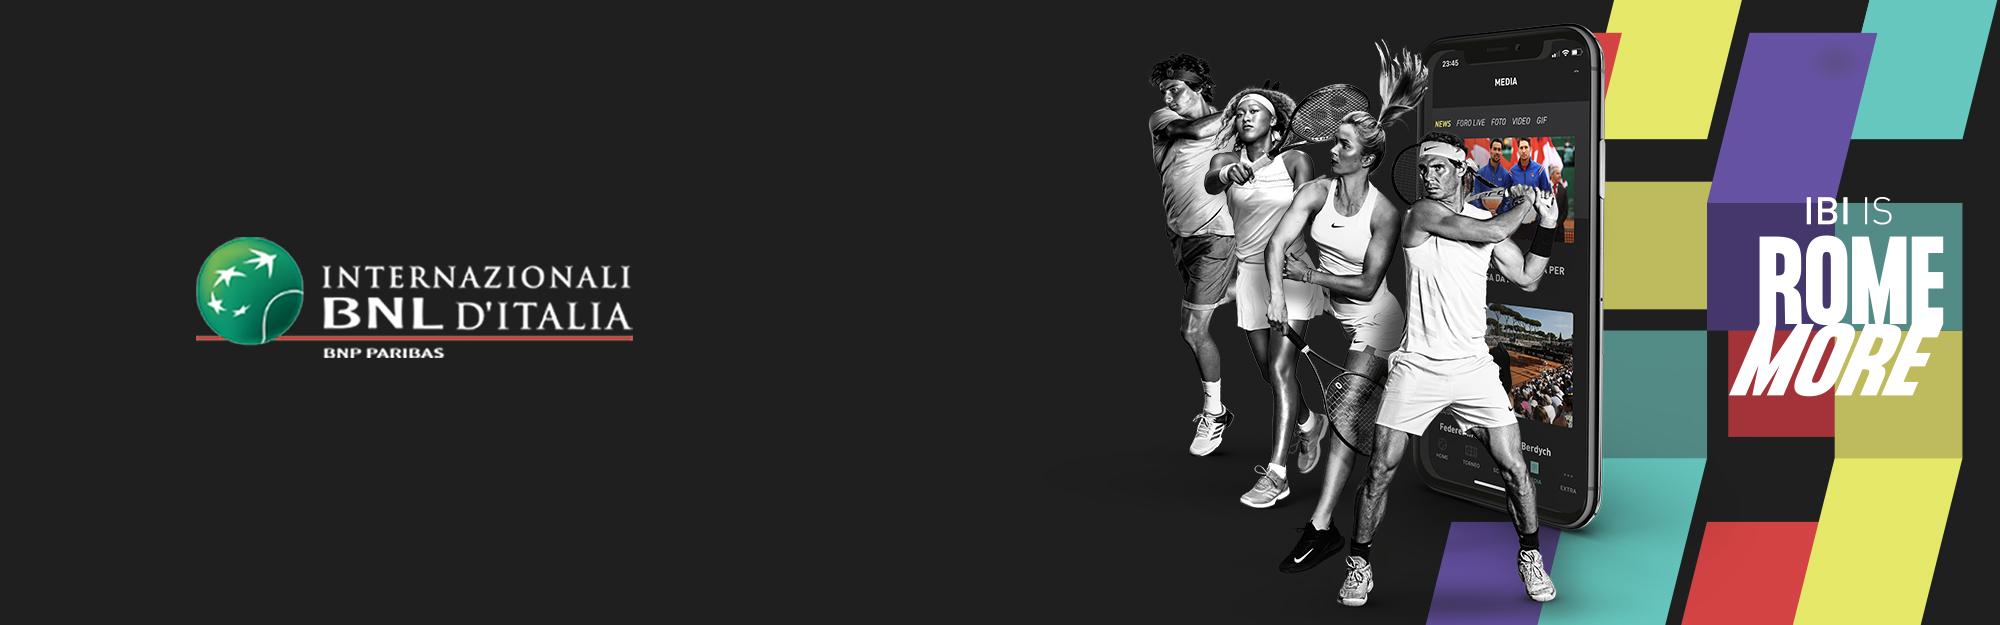 Al via gli Internazionali BNL d'Italia: IQUII è Official Digital Partner della Federazione Italiana Tennis con l'app #IBI19